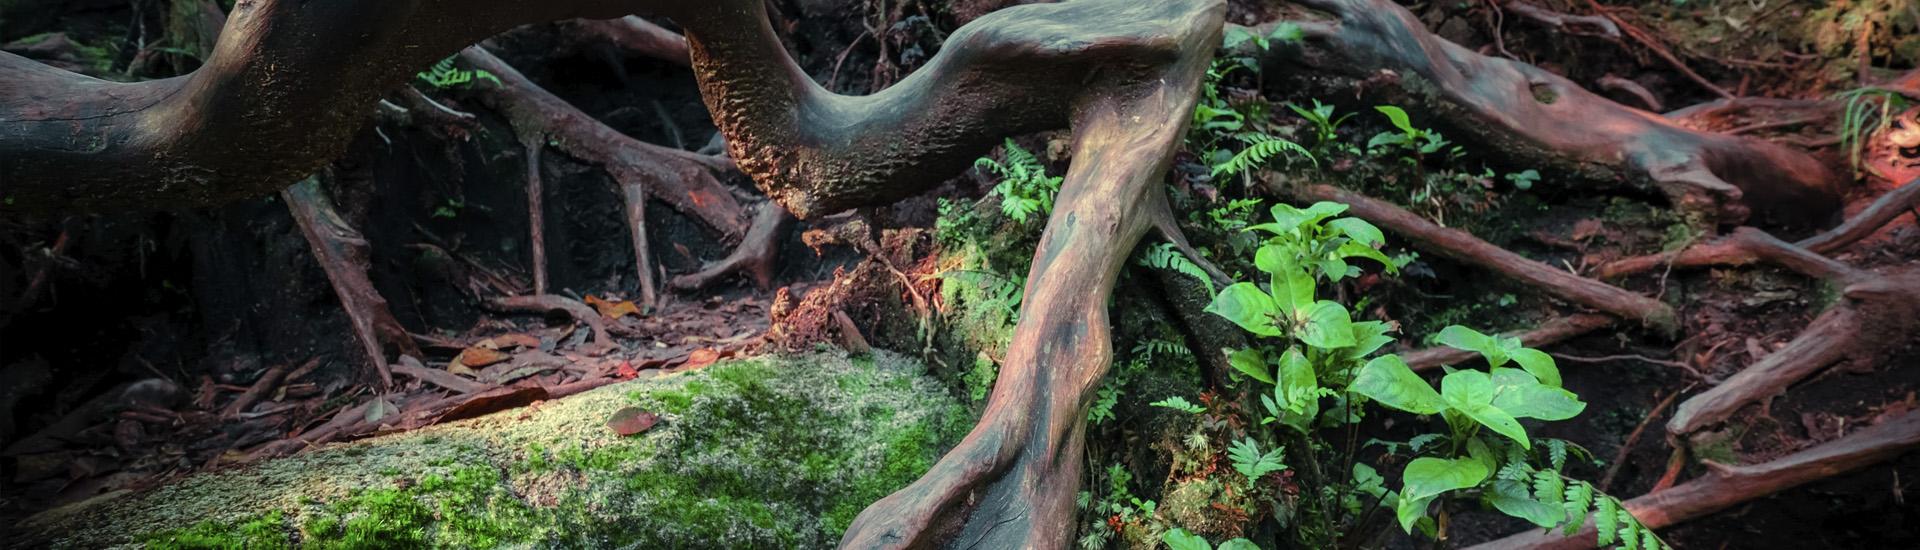 root membership